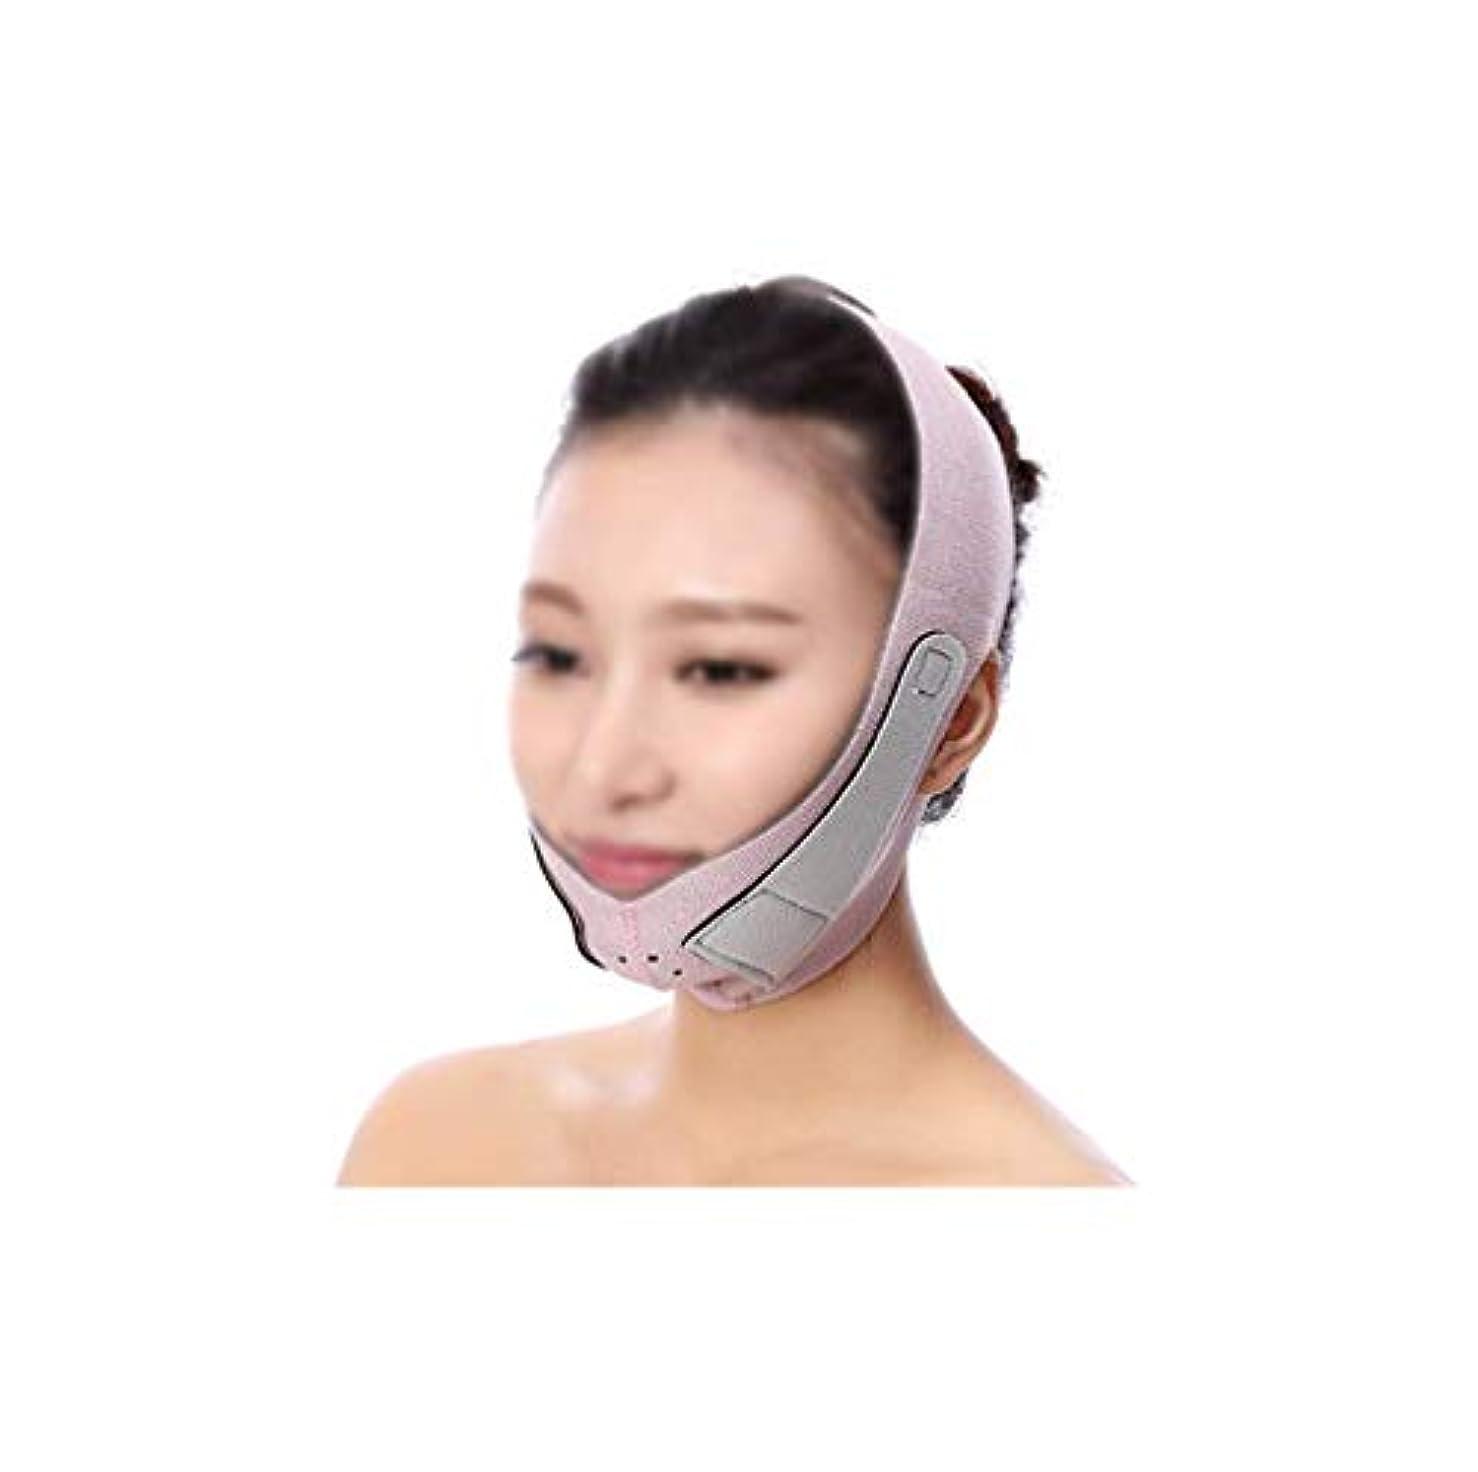 フェイスリフトマスク、顎ストラップ回復包帯小V顔薄い顔アーティファクト睡眠強力なマスクフェイスリフティング包帯フェイシャルリフティングダブルチンリフティングファーミング